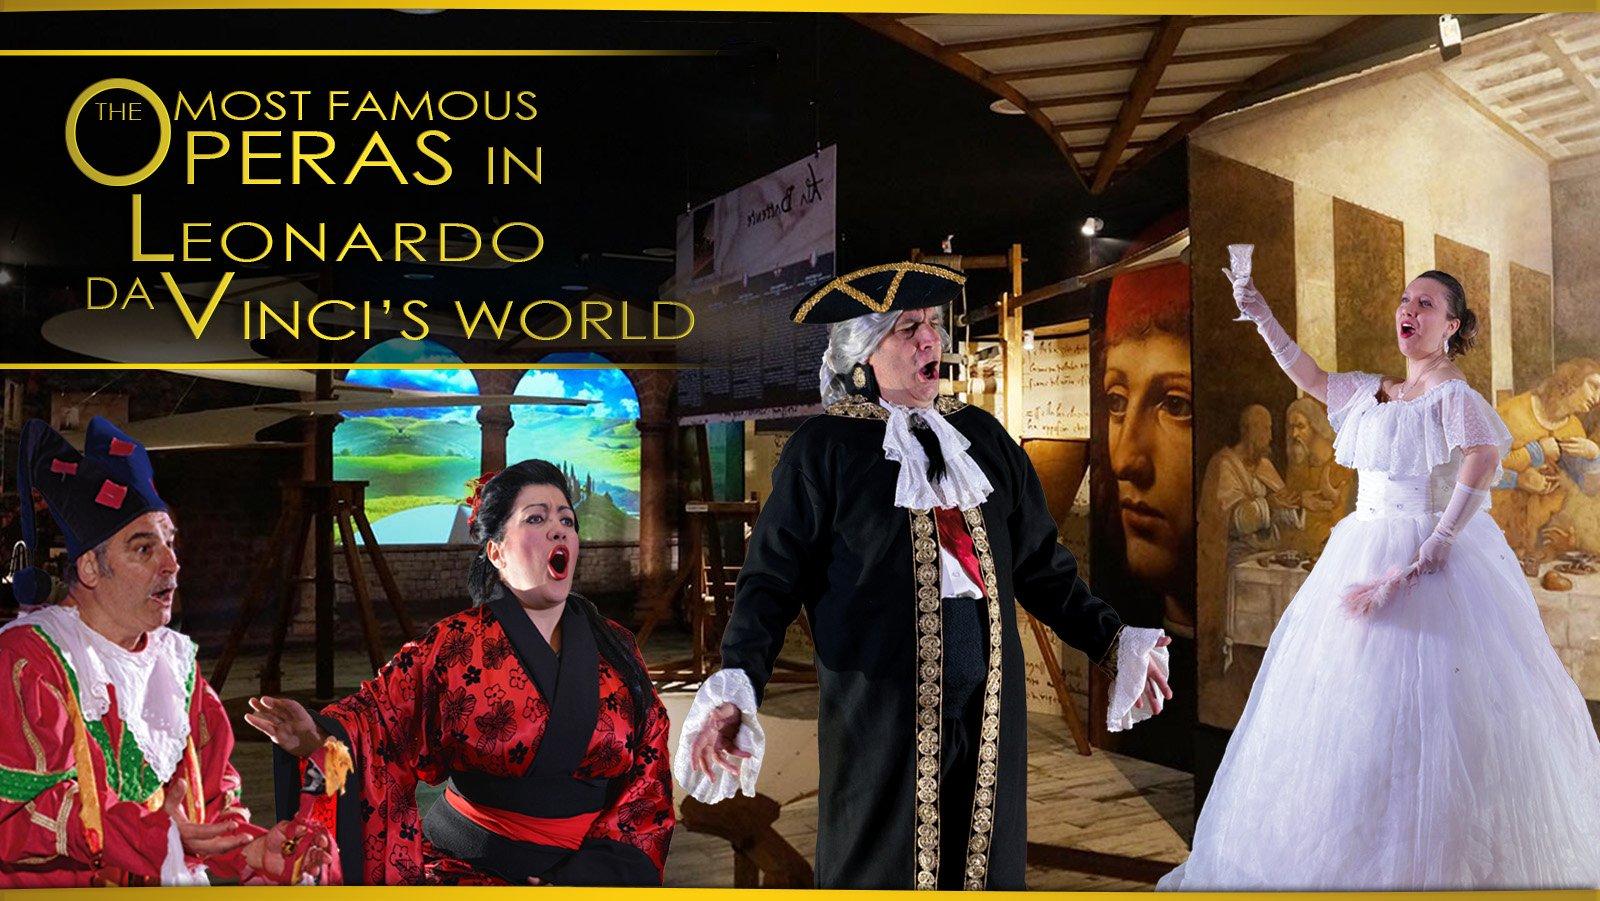 The Most Famous Operas at Leonardo Da VInci